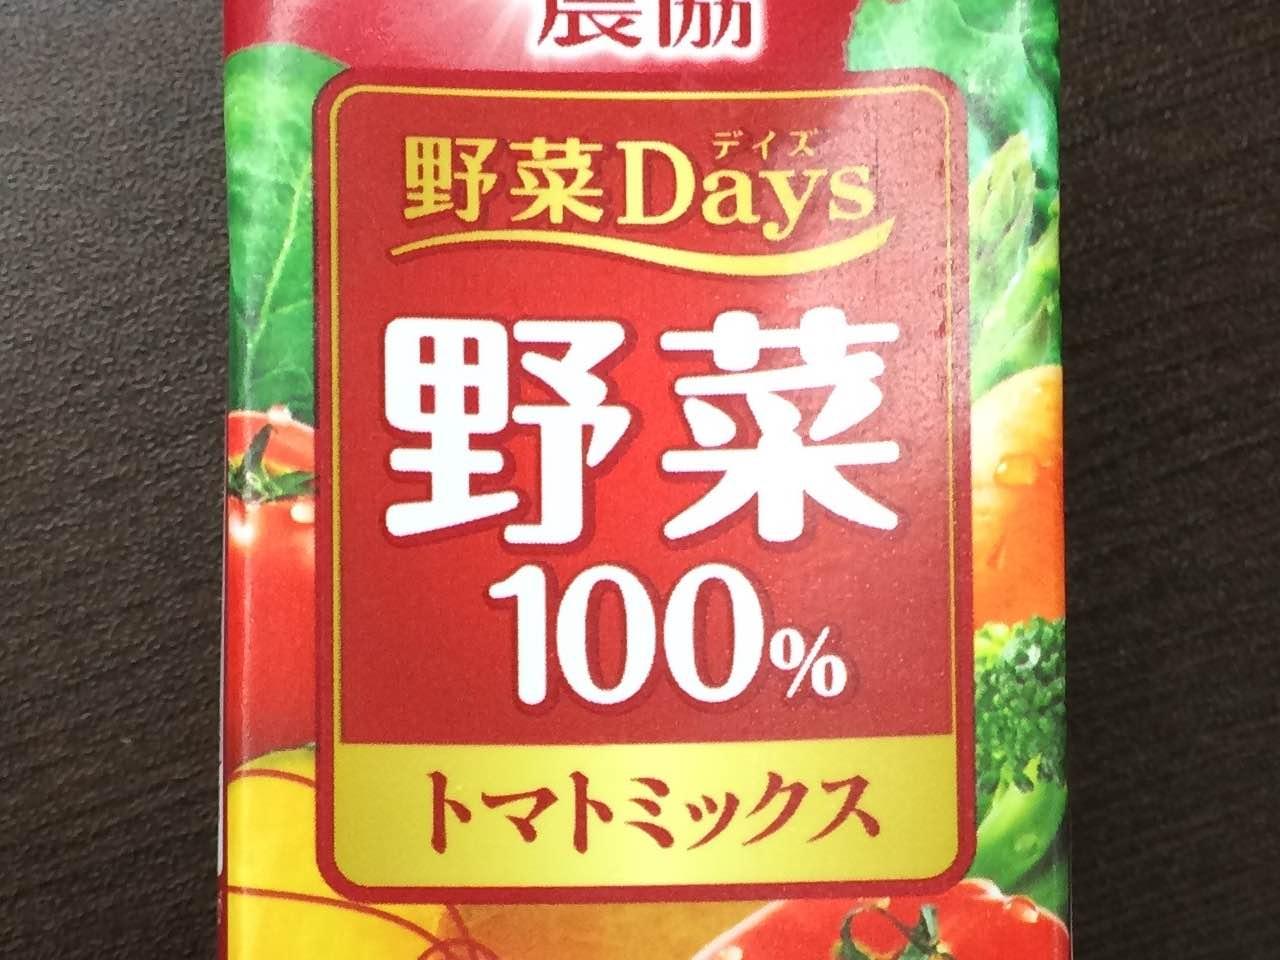 農協 野菜Days 野菜100% トマトミックス